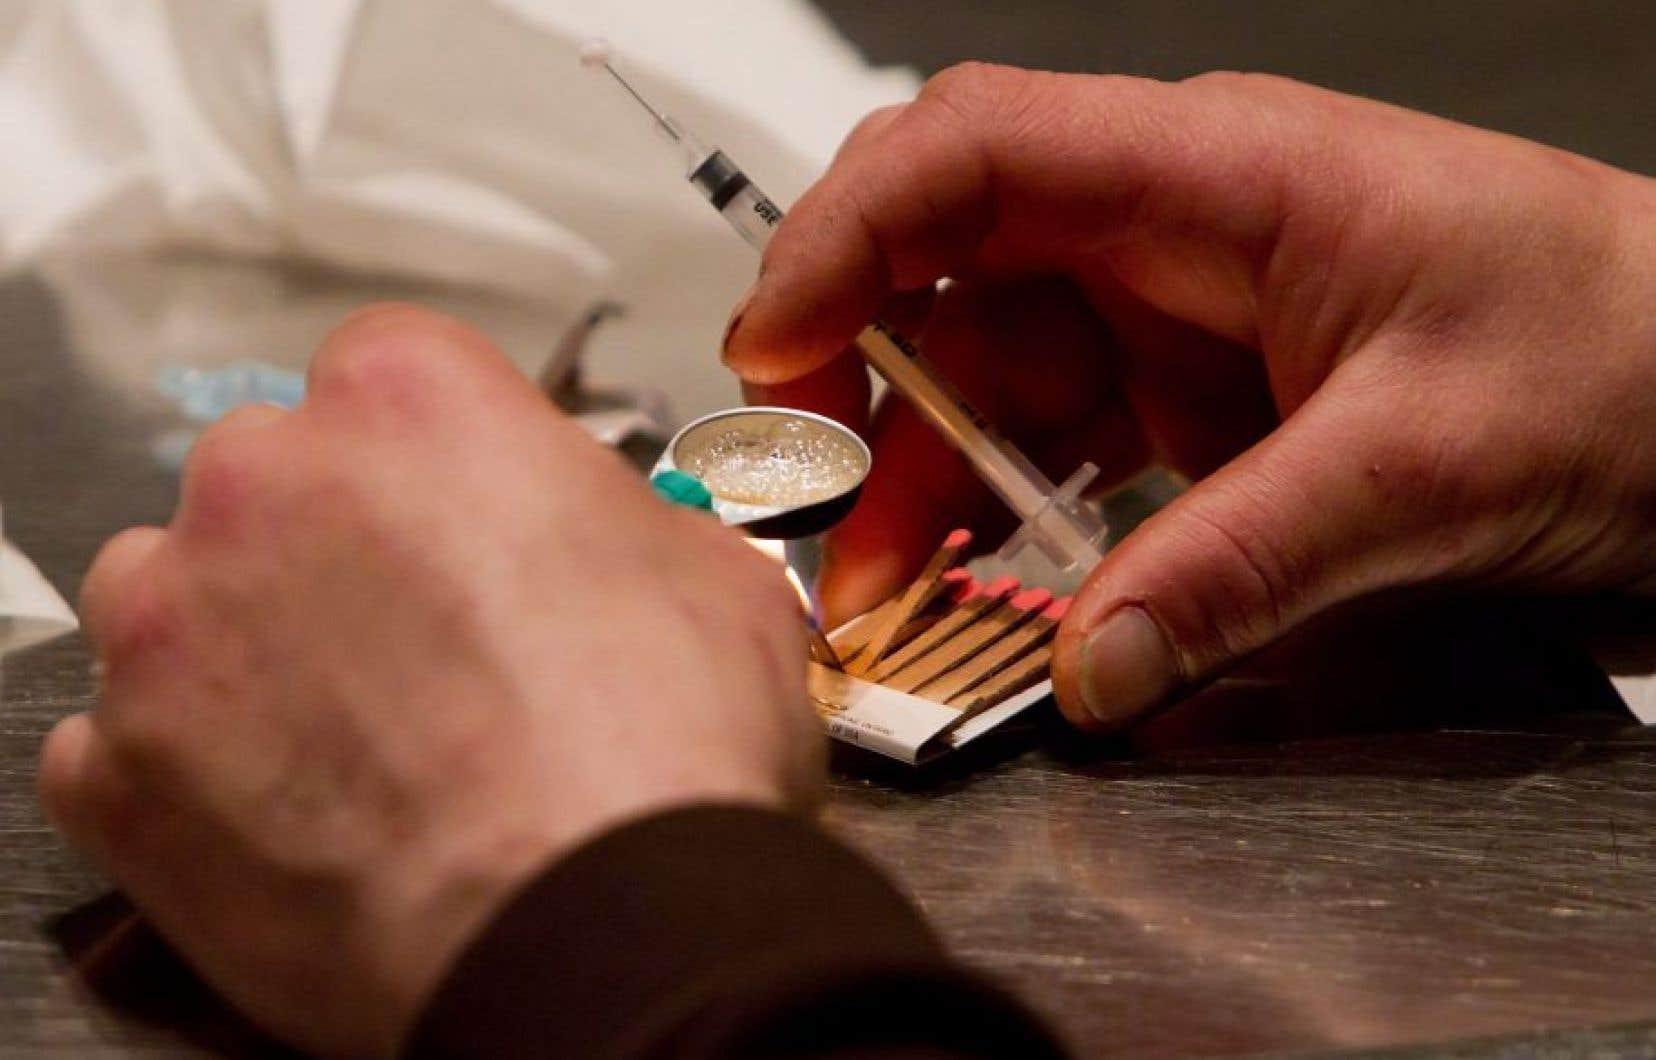 Les seringues pourraient être facilement utilisées comme armes.